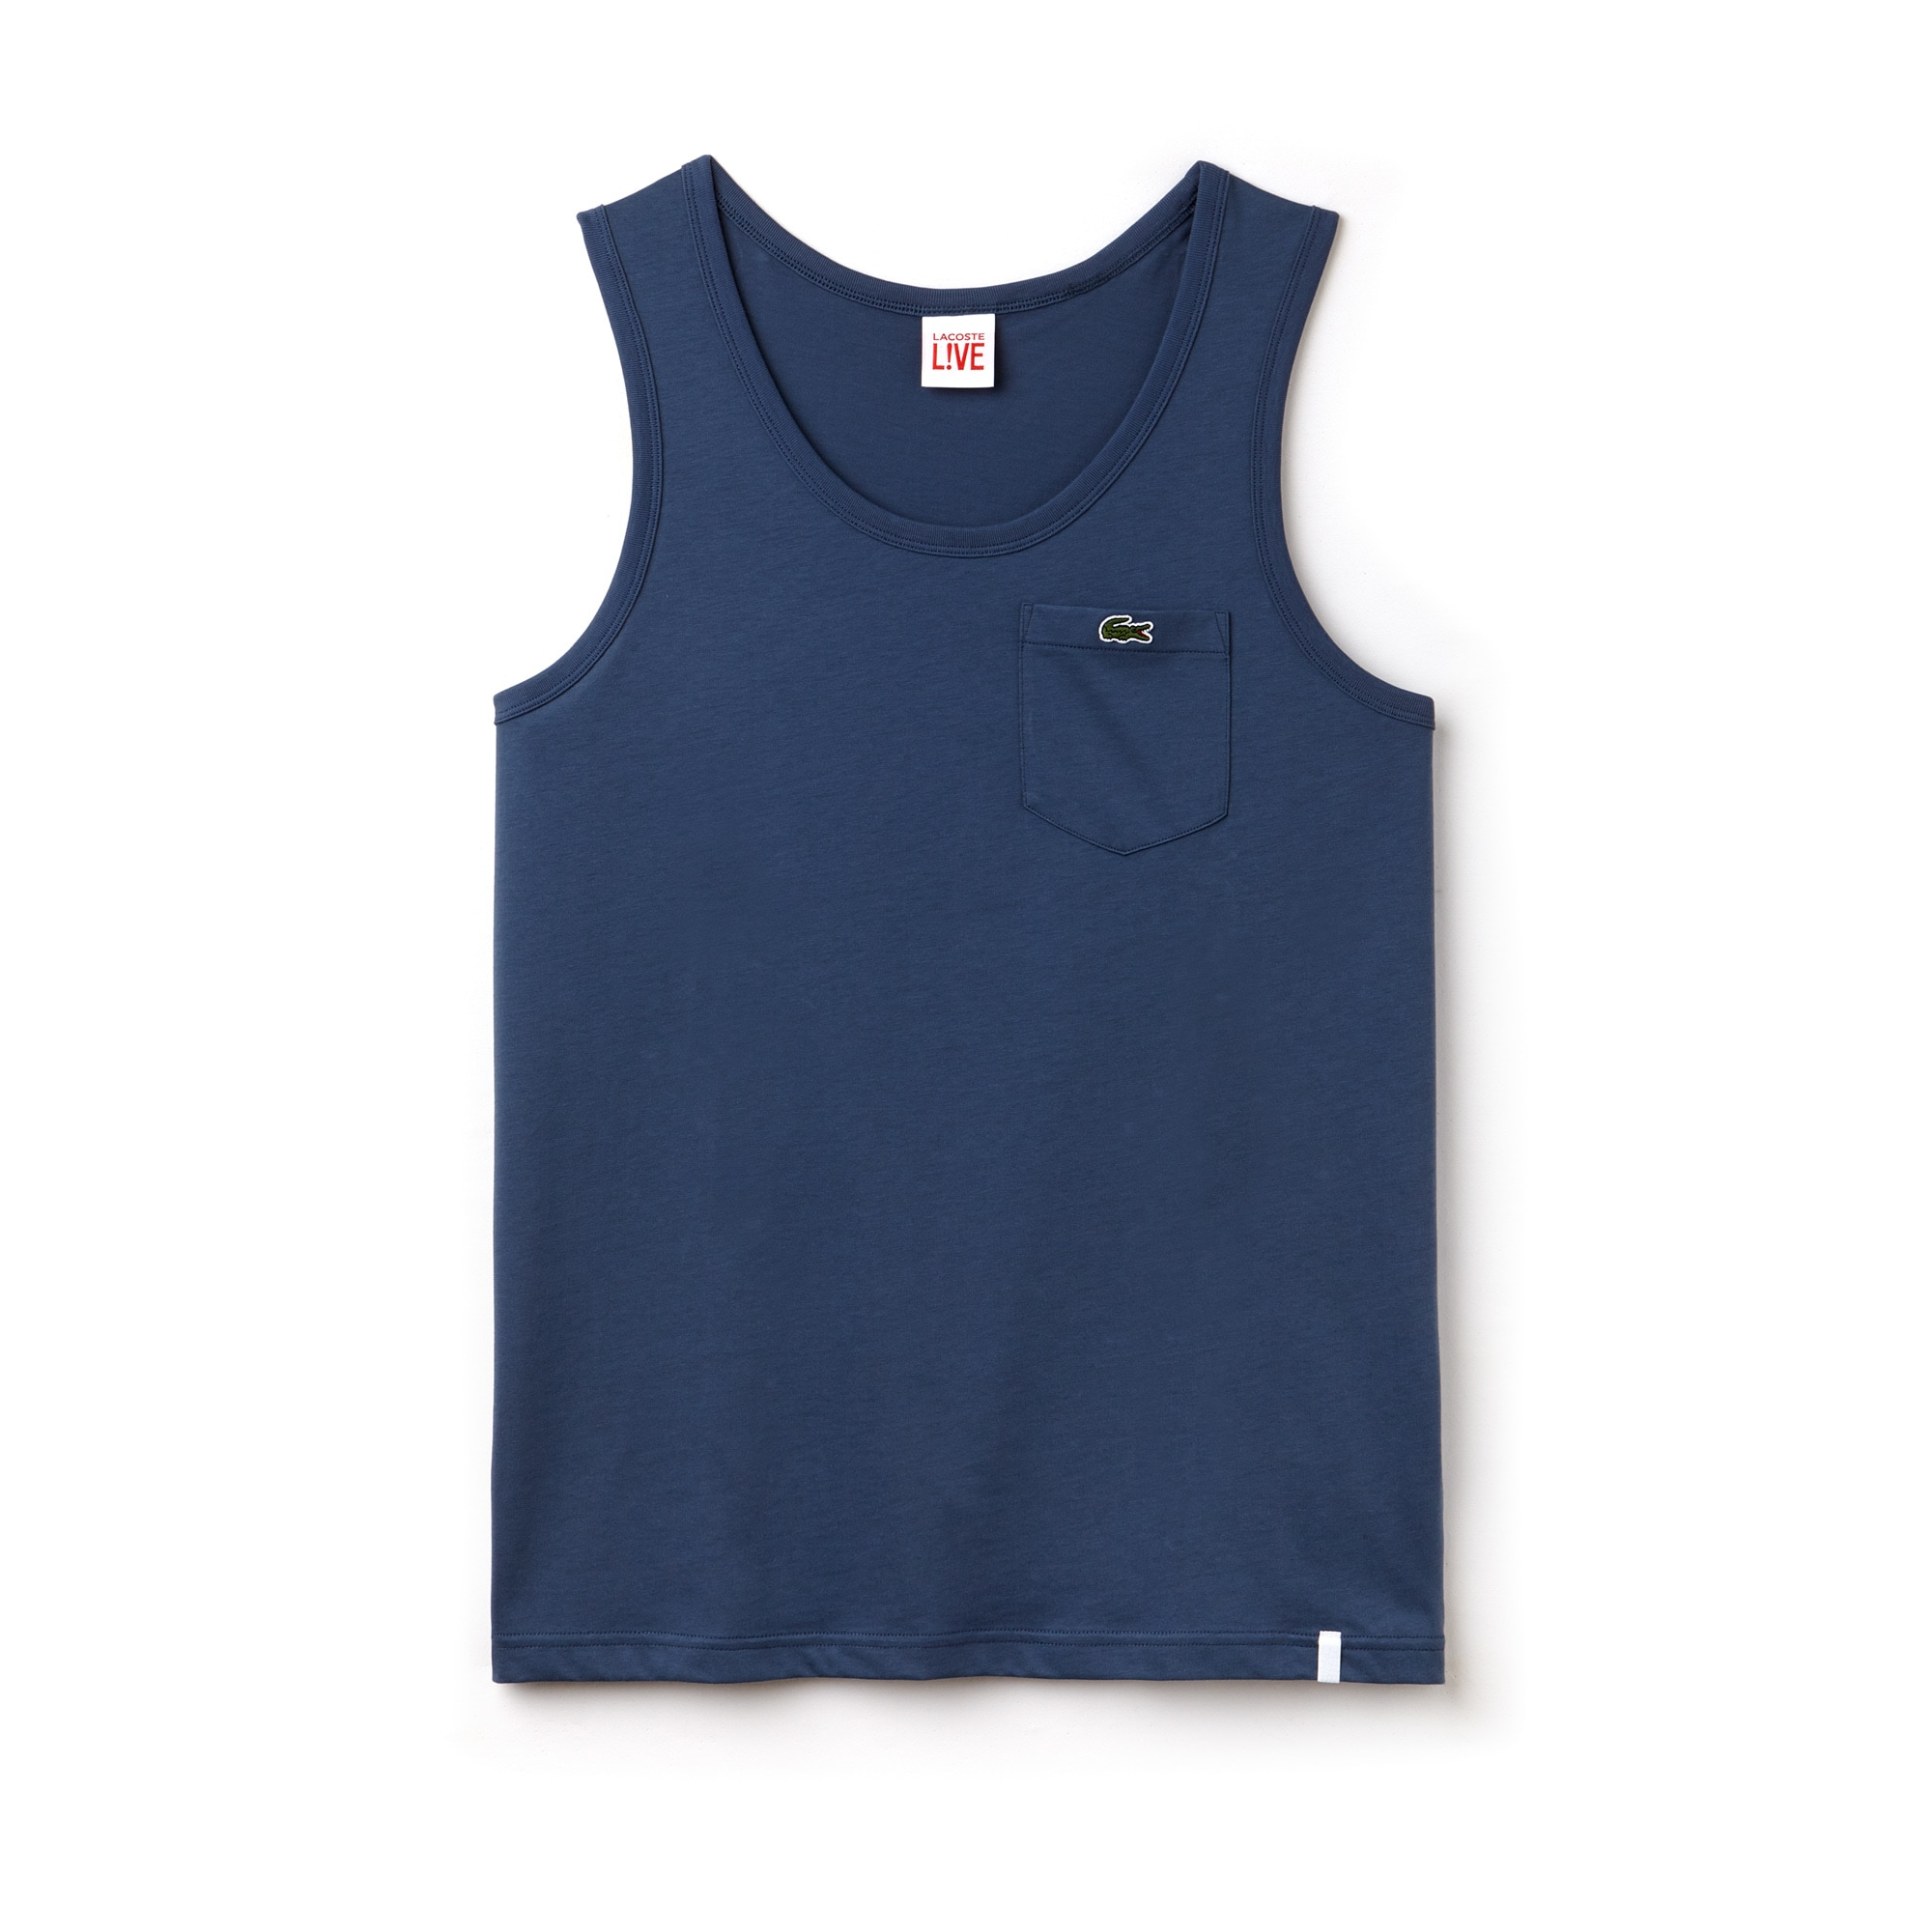 fefdcc261a ... Débardeur Lacoste LIVE en jersey de coton uni avec poche